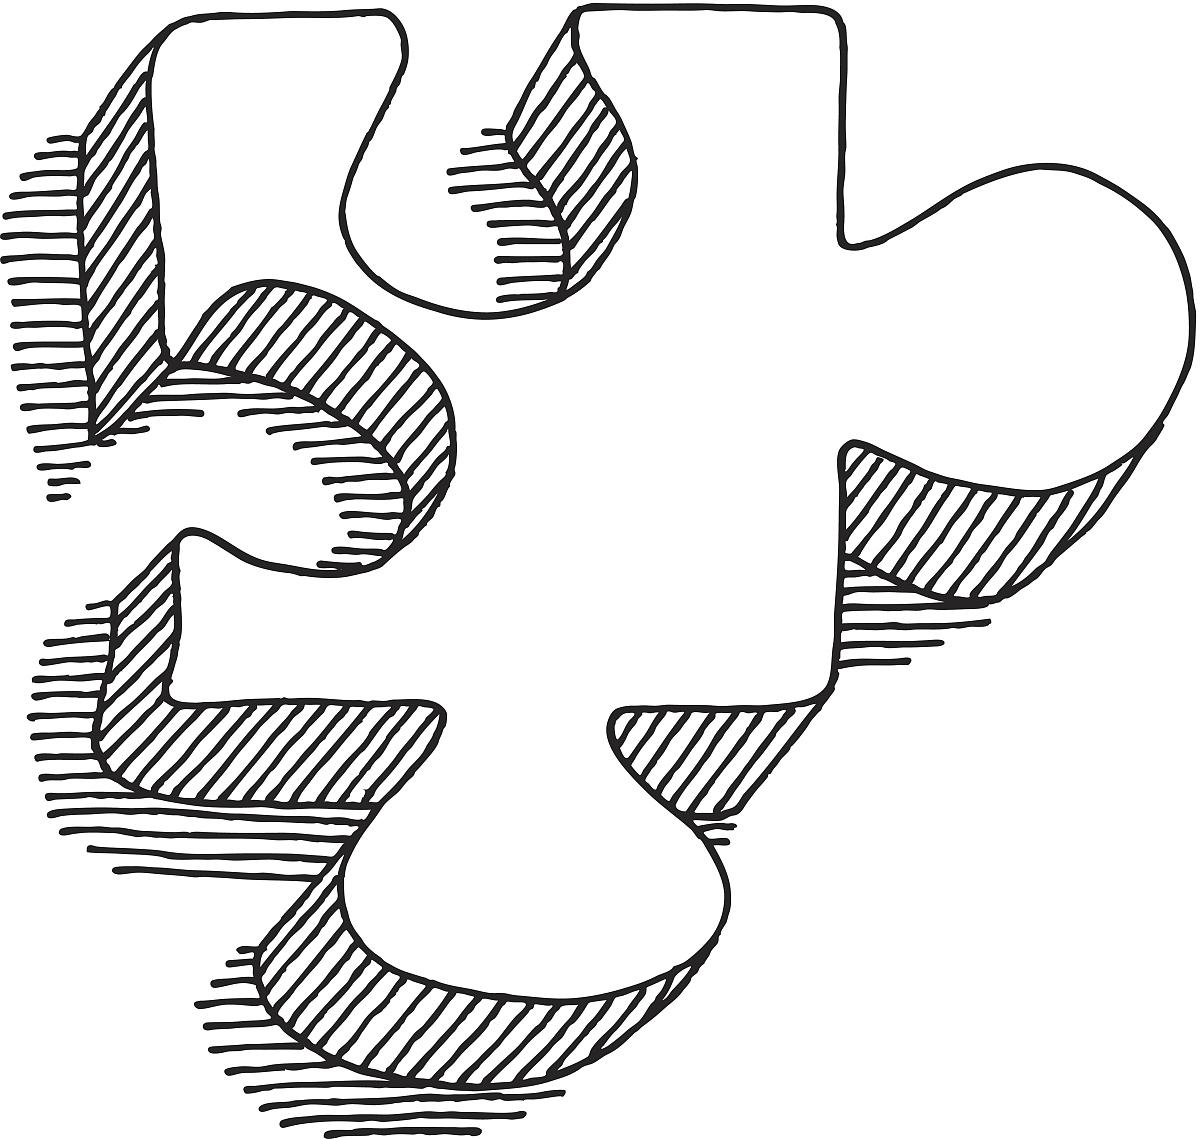 绘画插图,乱画,切断,白色背景,符号,透明,谜题游戏,空白的,正方形图片